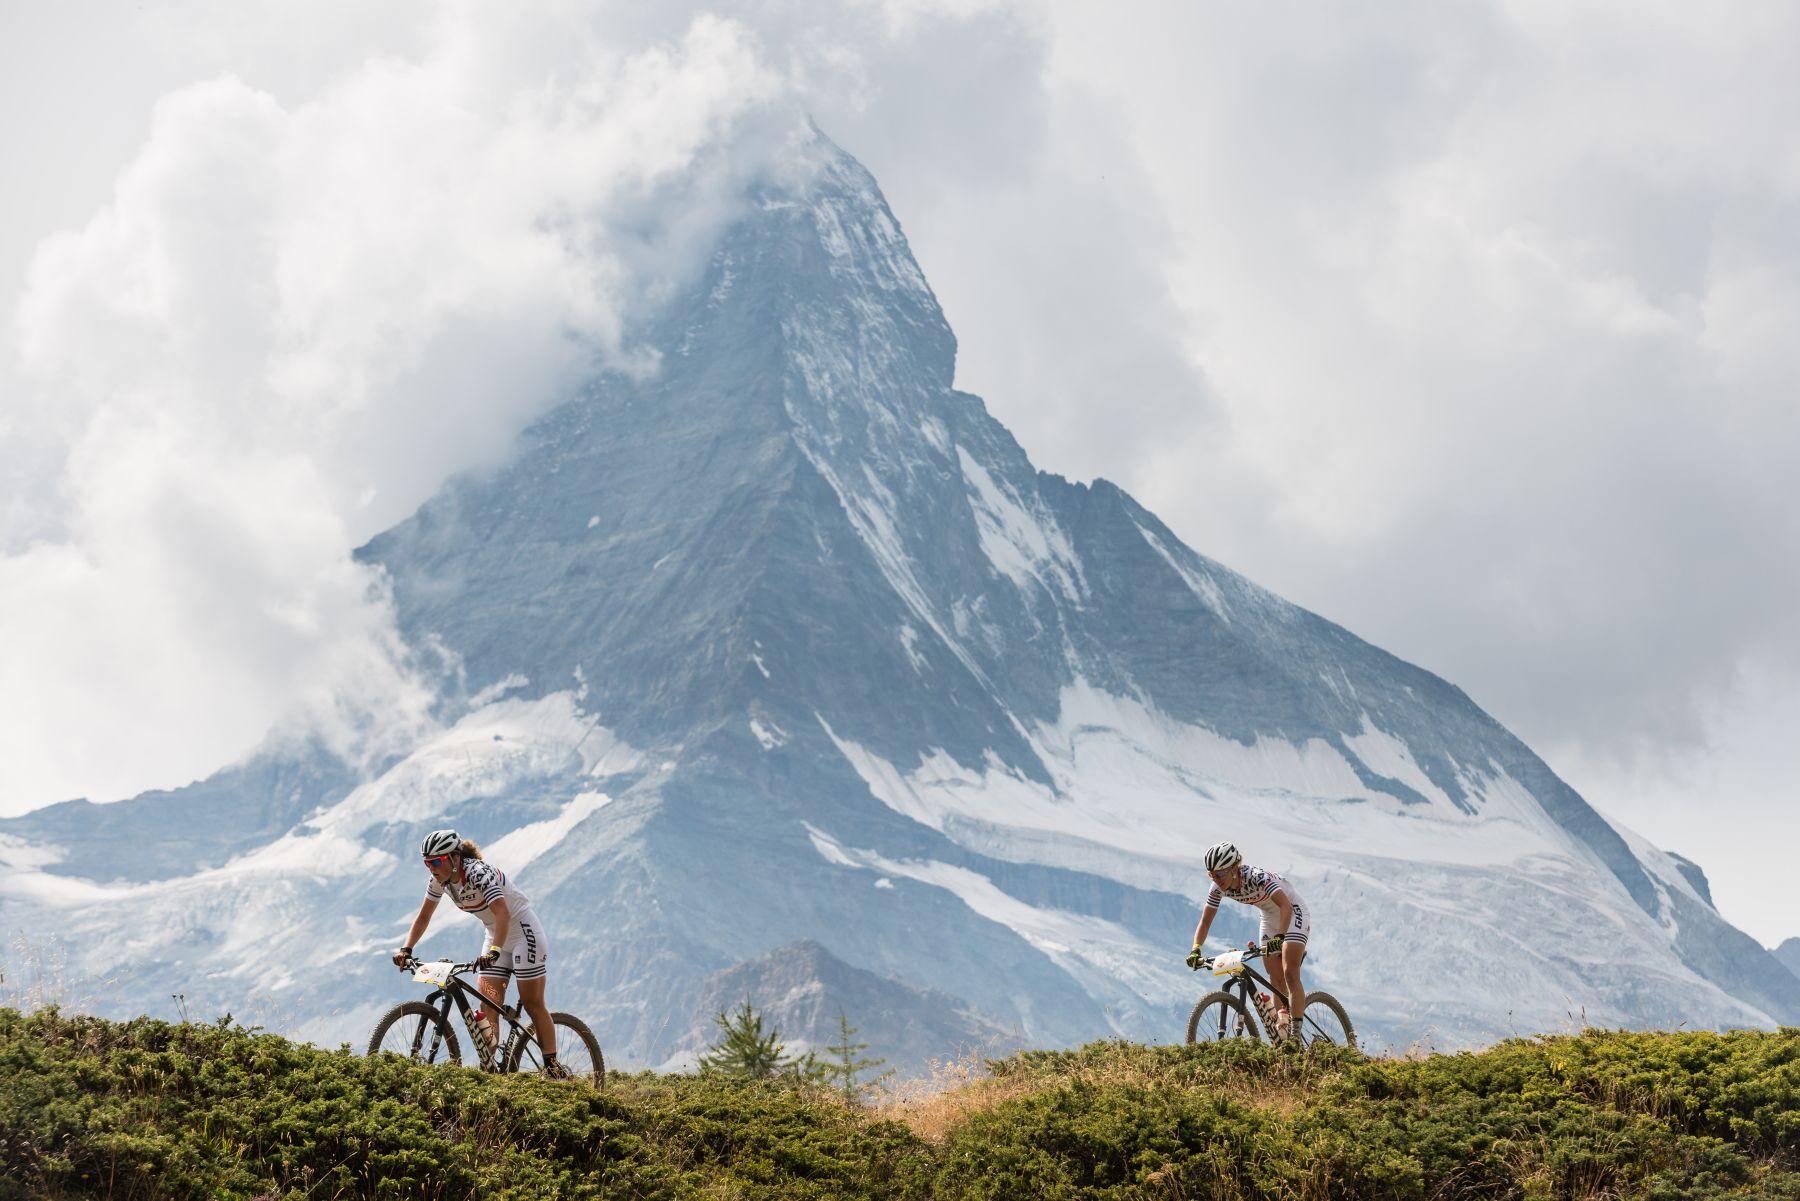 Más Matterhorn en todo su esplendor